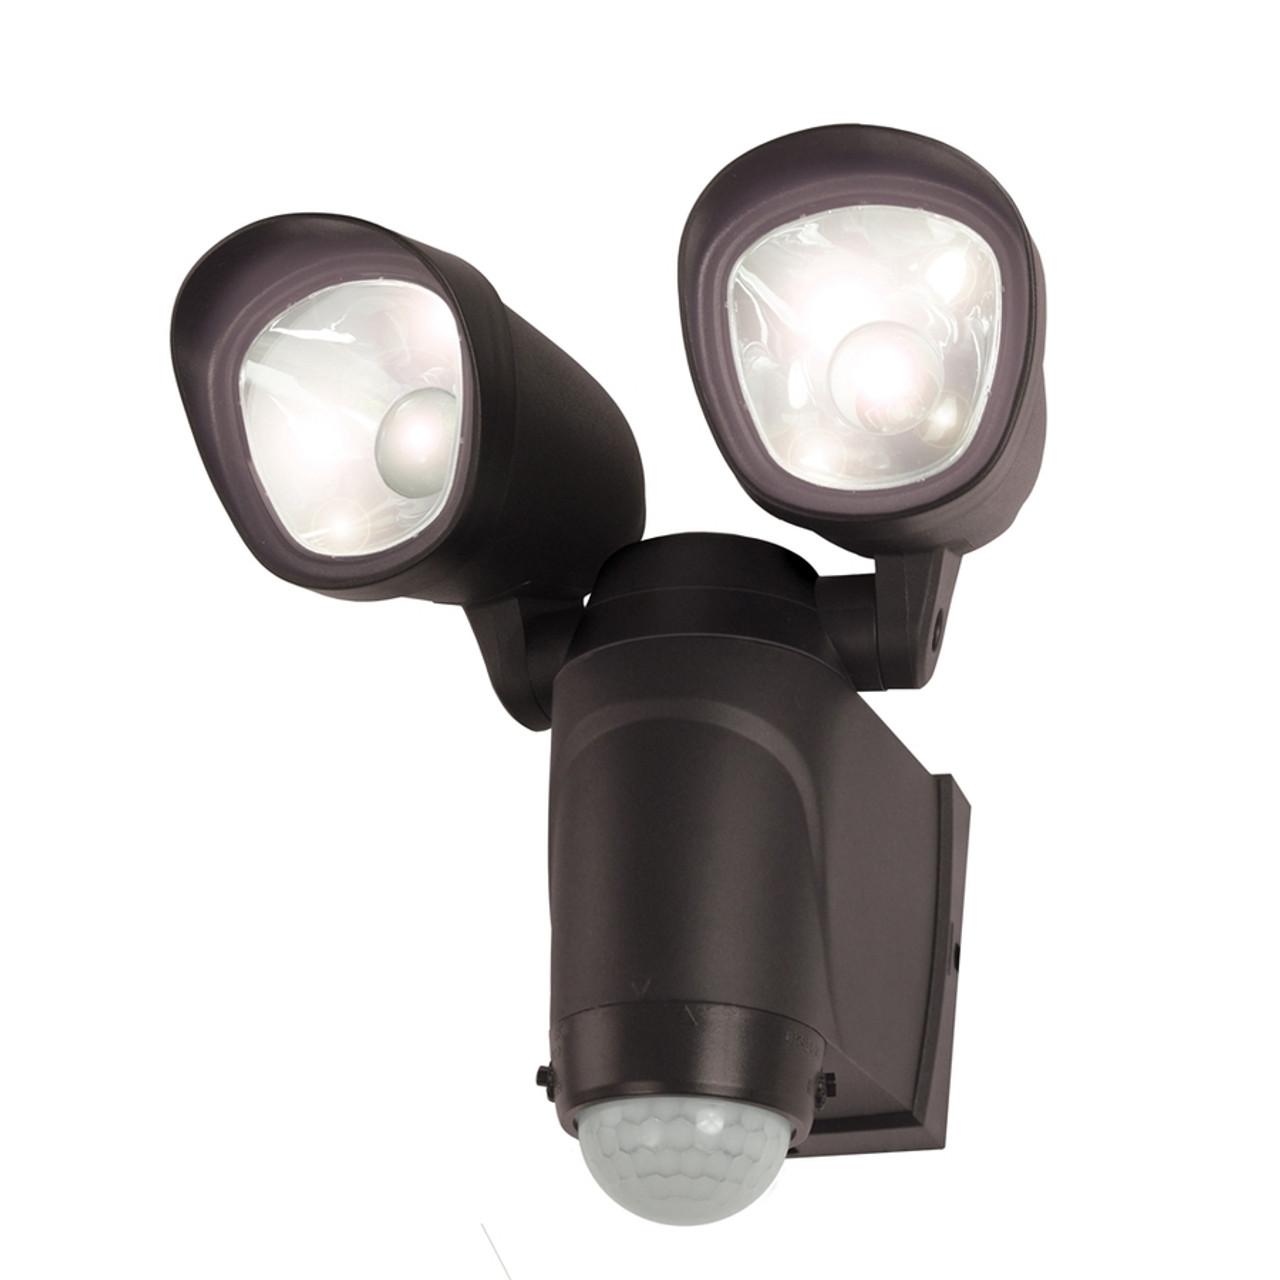 Led Flood Light Hidden Camera Spyassociates Com